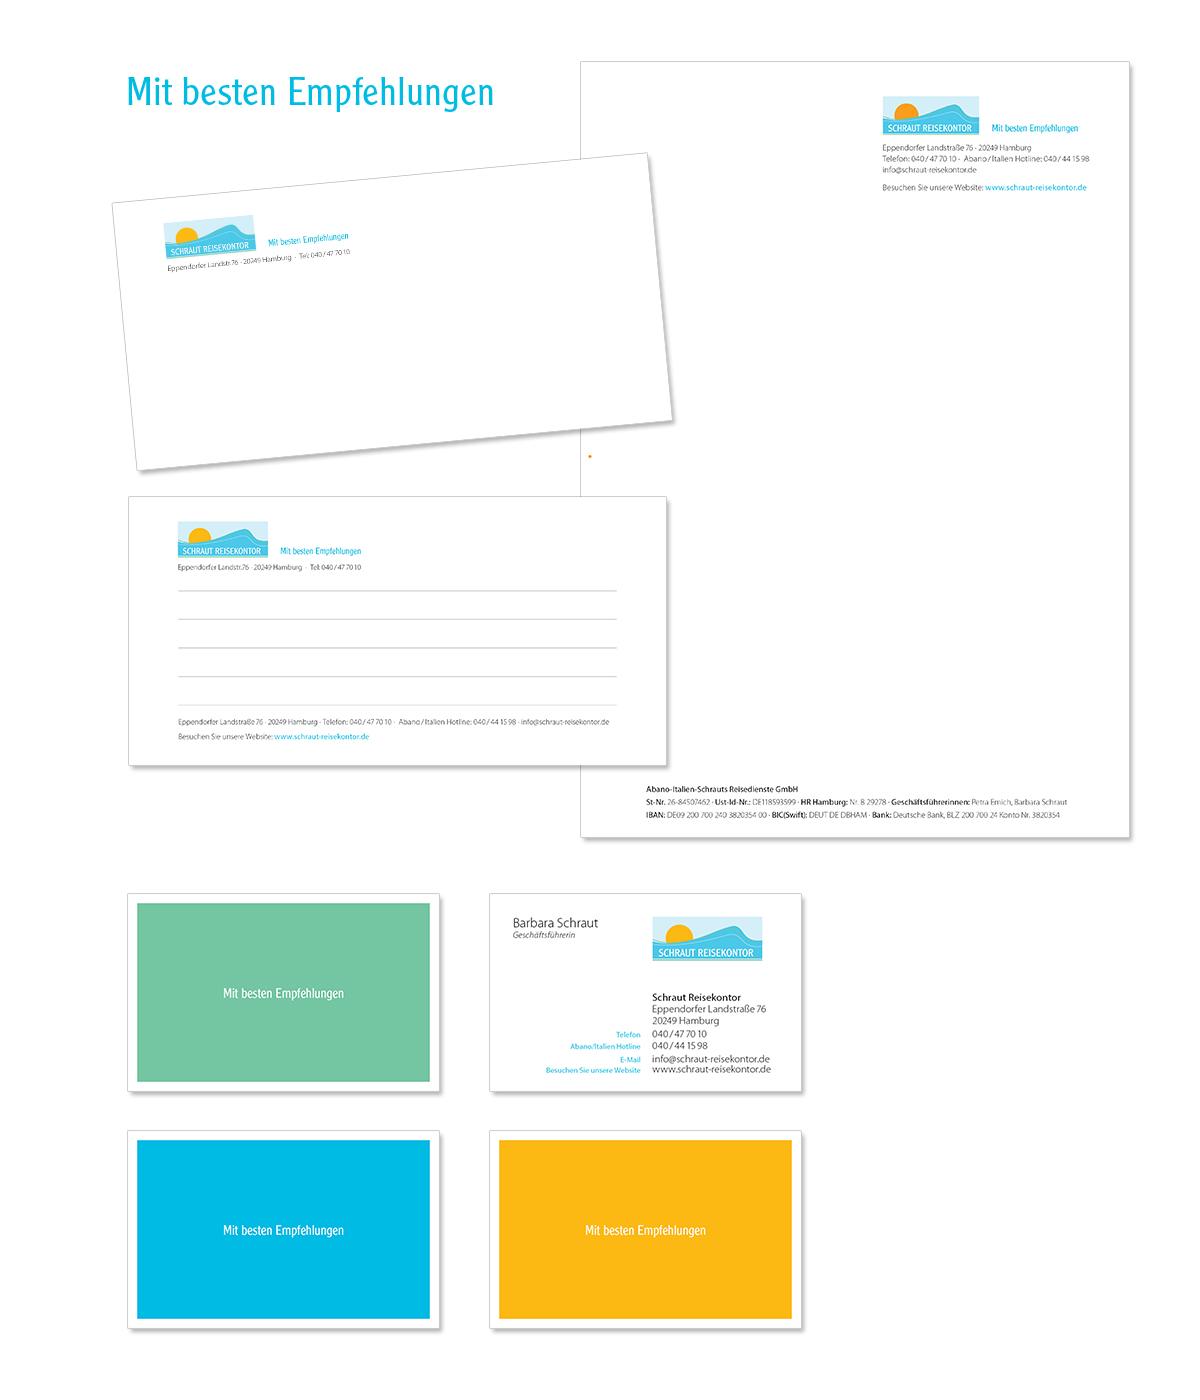 Geschäftsaustattung, Visitenkarte und Unternehmensdesign für Schraut Reisekontor von Doris Peiter